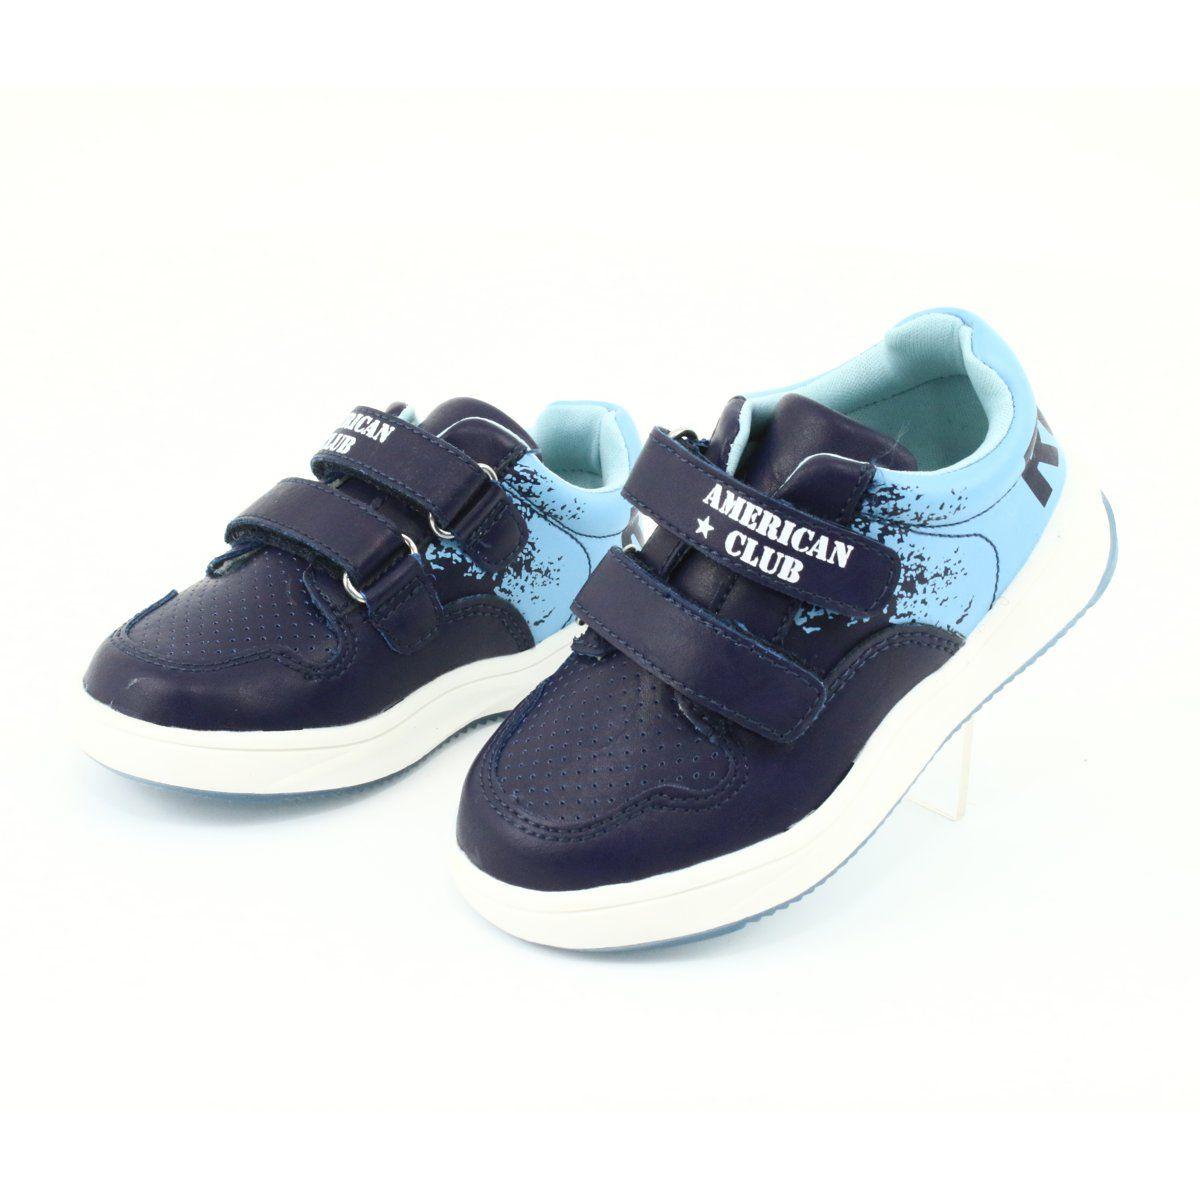 Buty Sportowe Na Rzepy American Club Gc18 Granatowe Niebieskie Baby Shoes Shoes Sneakers